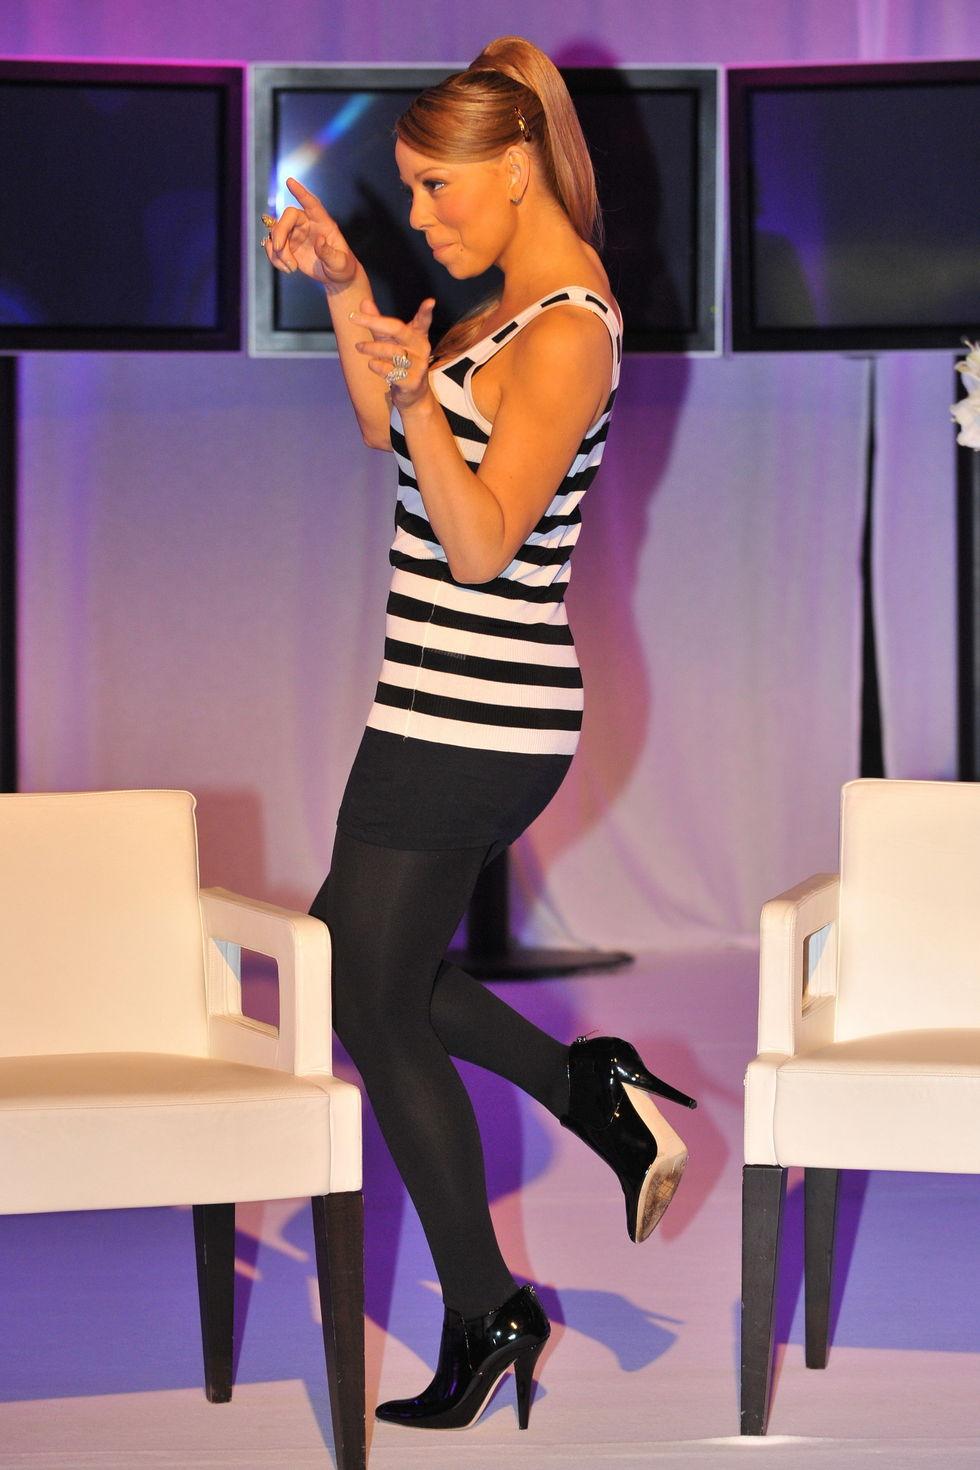 mariah-carey-promotes-emc2-at-the-showcase-club-in-paris-01